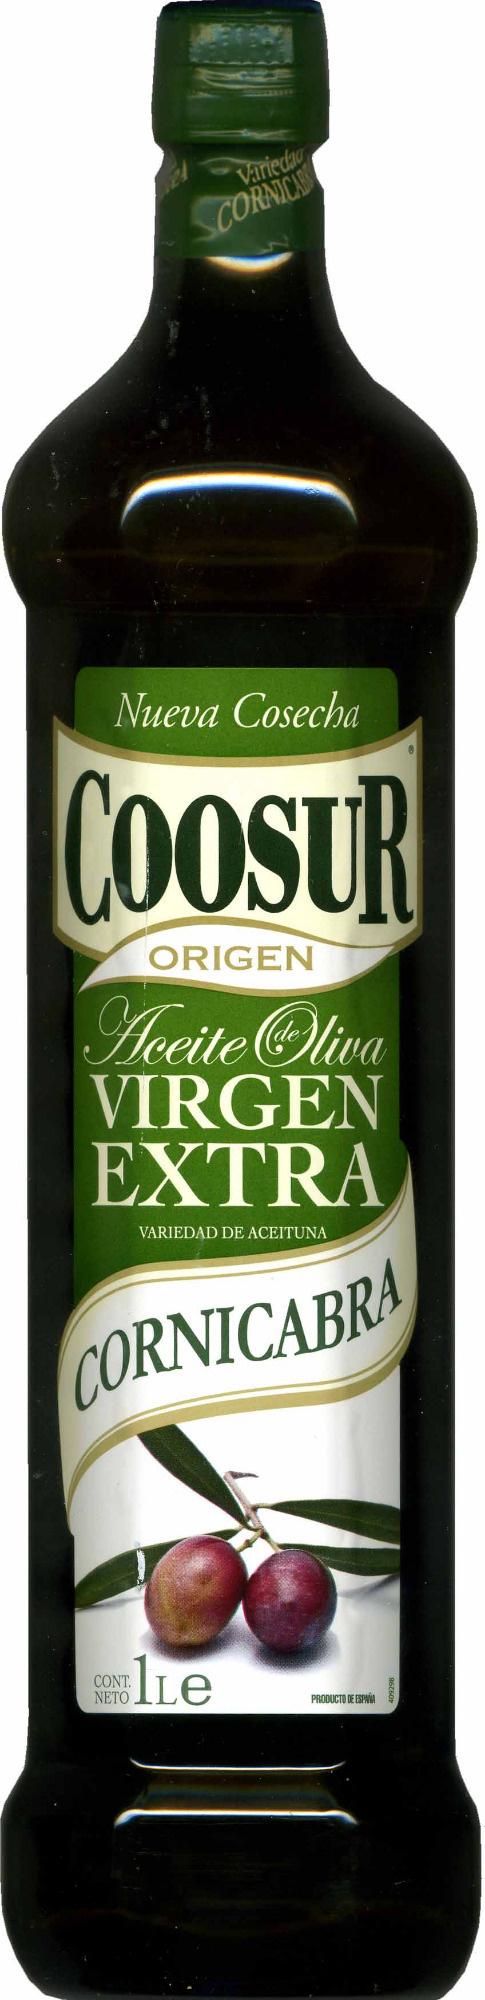 Aceite de oliva virgen extra Variedad Cornicabra - Producte - es